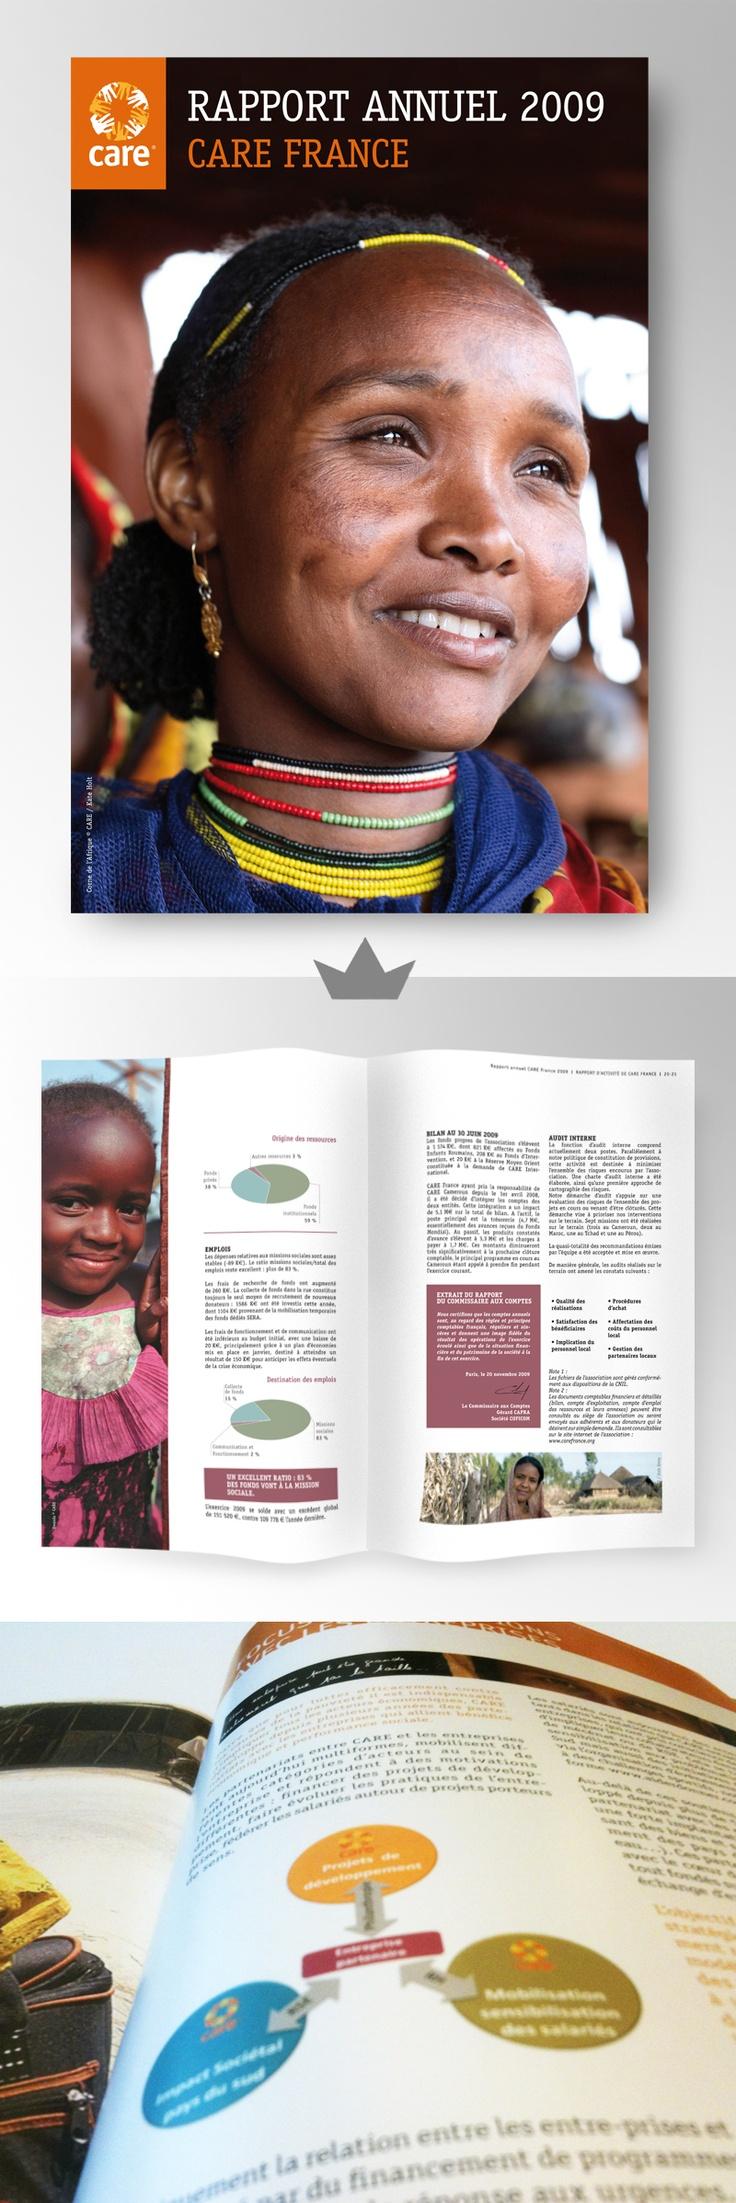 Rapport Annuel Care 2009